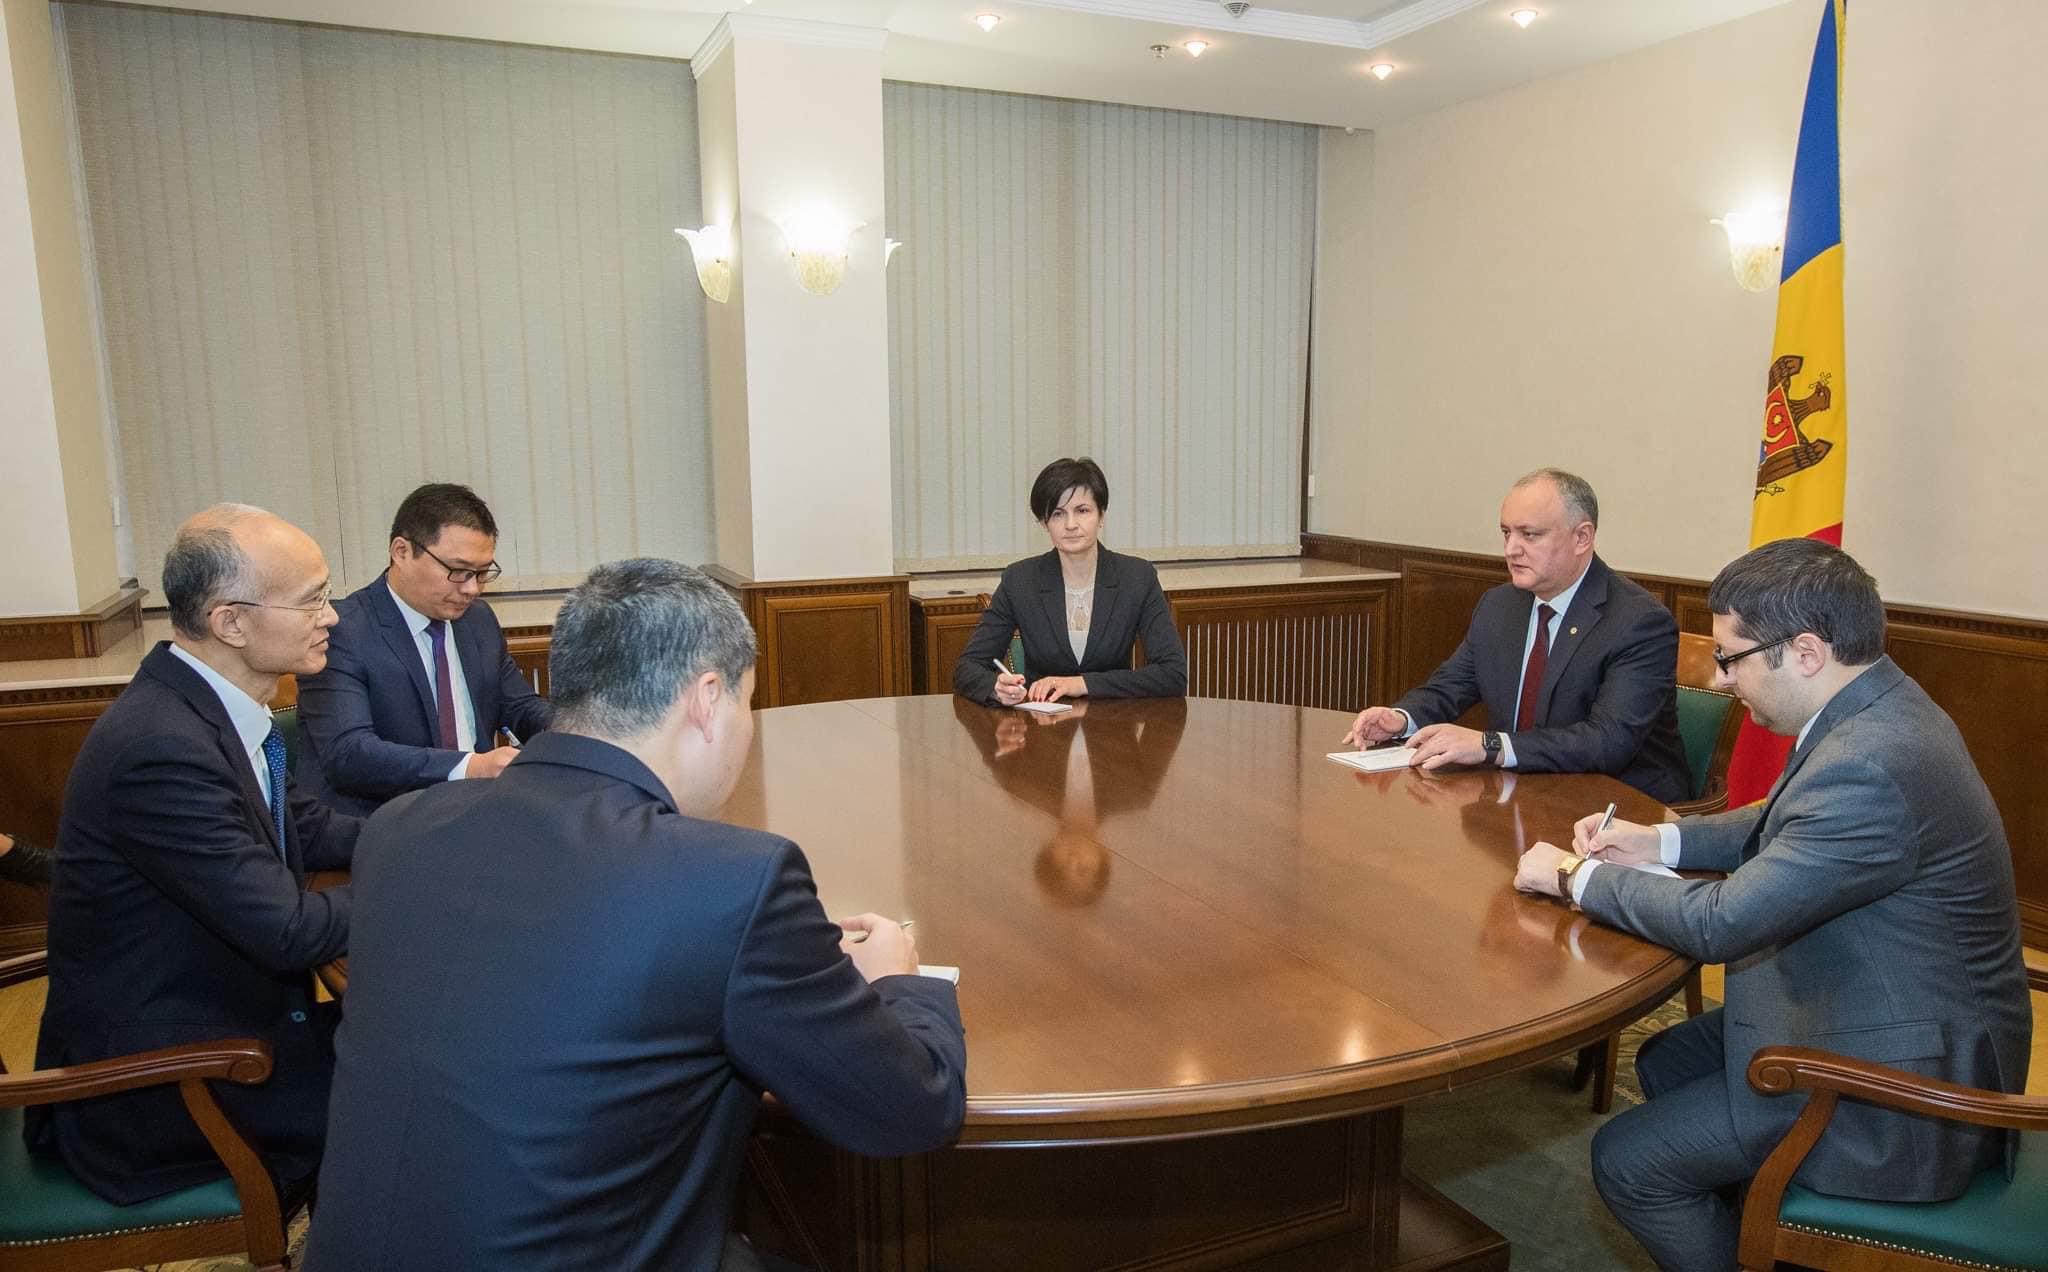 Президент пригласил партнеров из КНР принять активное участие в реализации крупных инфраструктурных проектов в Молдове (ФОТО, ВИДЕО)